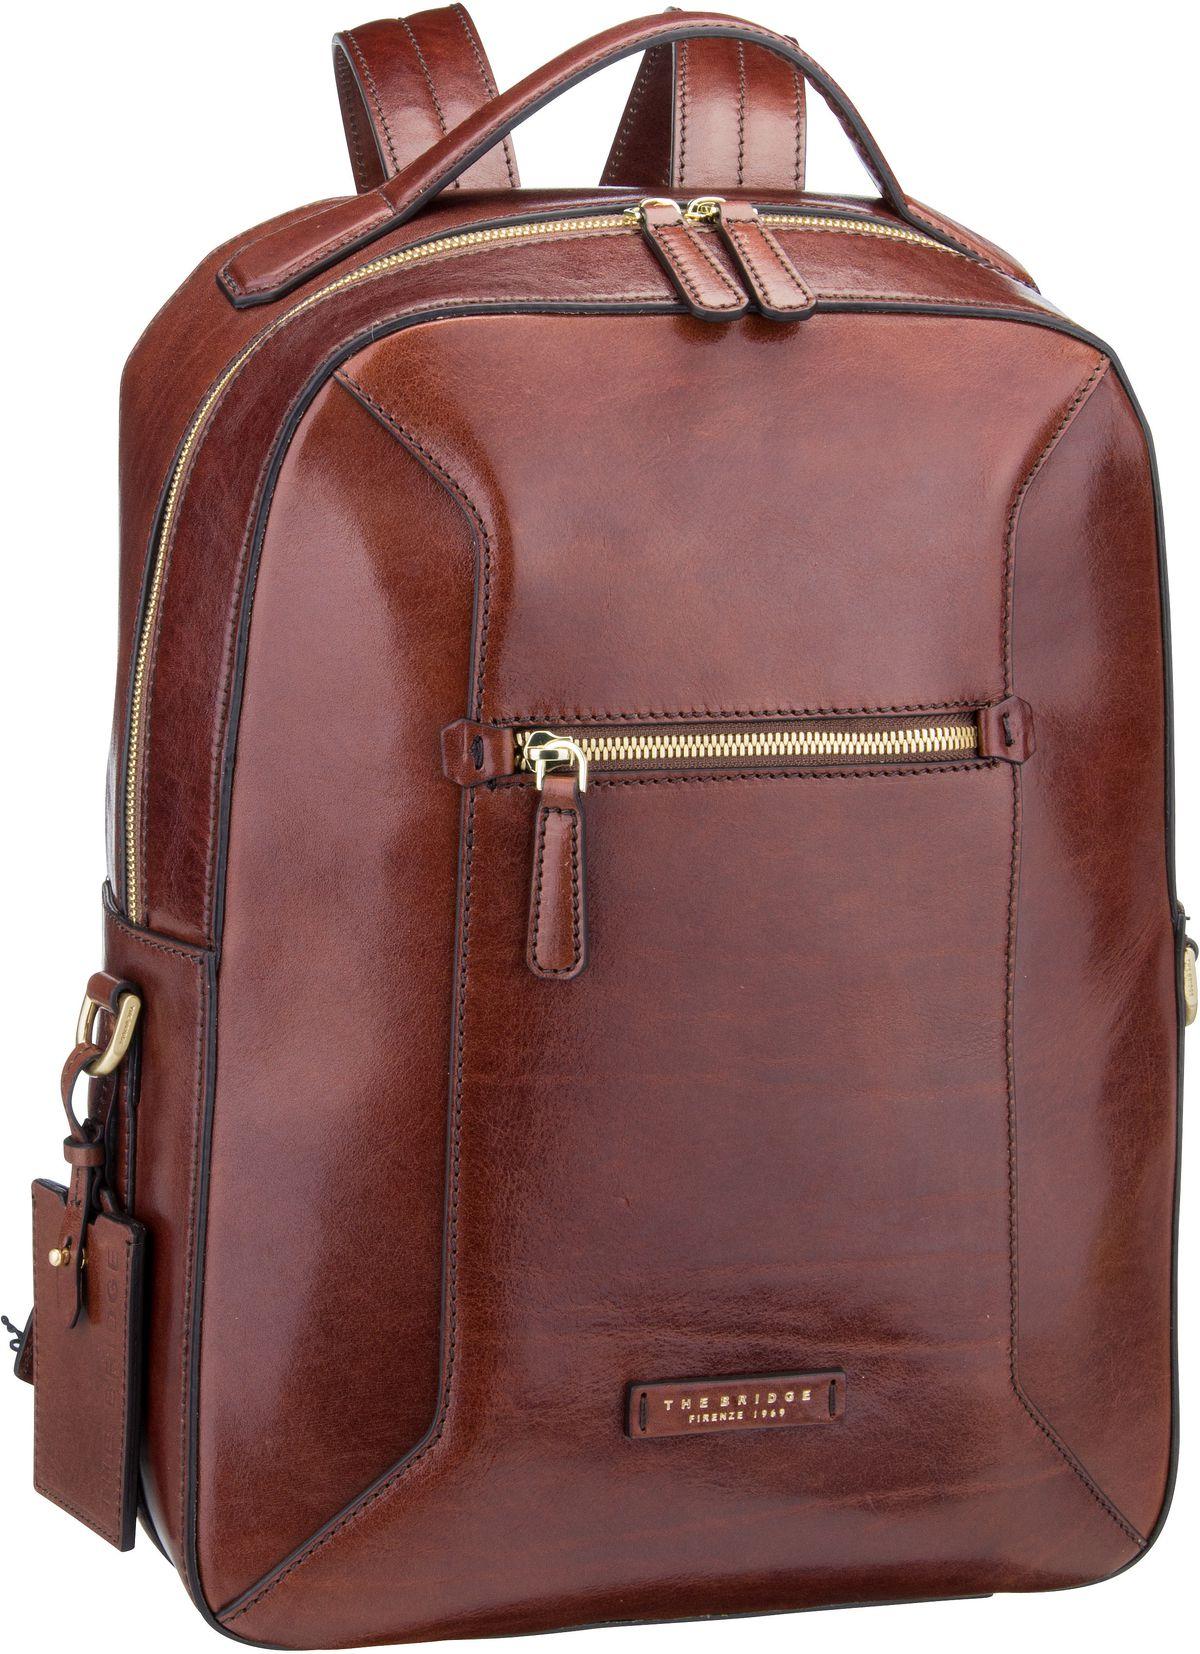 Rucksack / Daypack Bufalini Rucksack 5319 Marrone